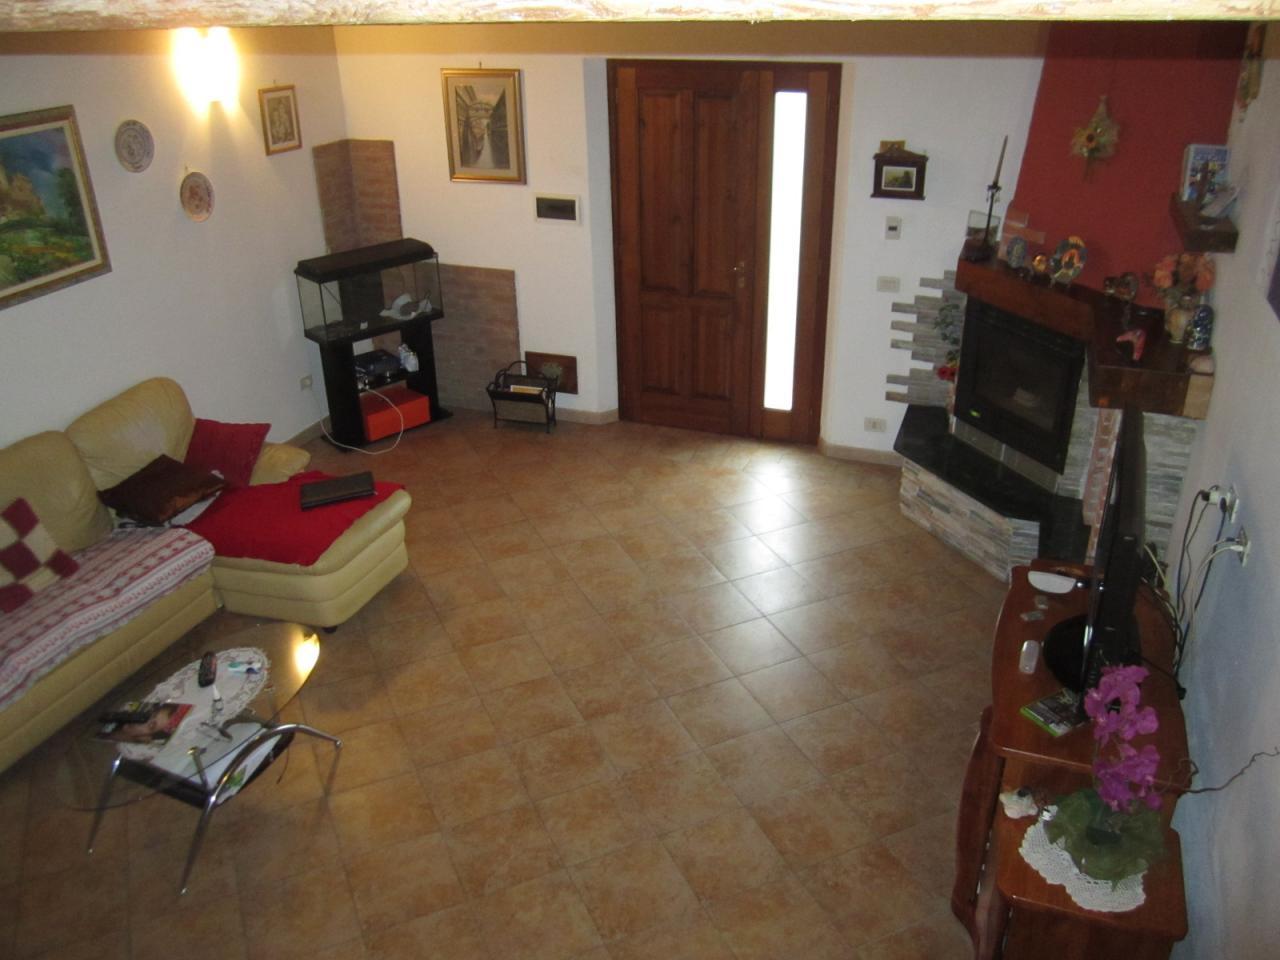 Soluzione Indipendente in vendita a Cascina, 8 locali, zona Località: SanLorenzoalleCorti, prezzo € 380.000 | Cambio Casa.it